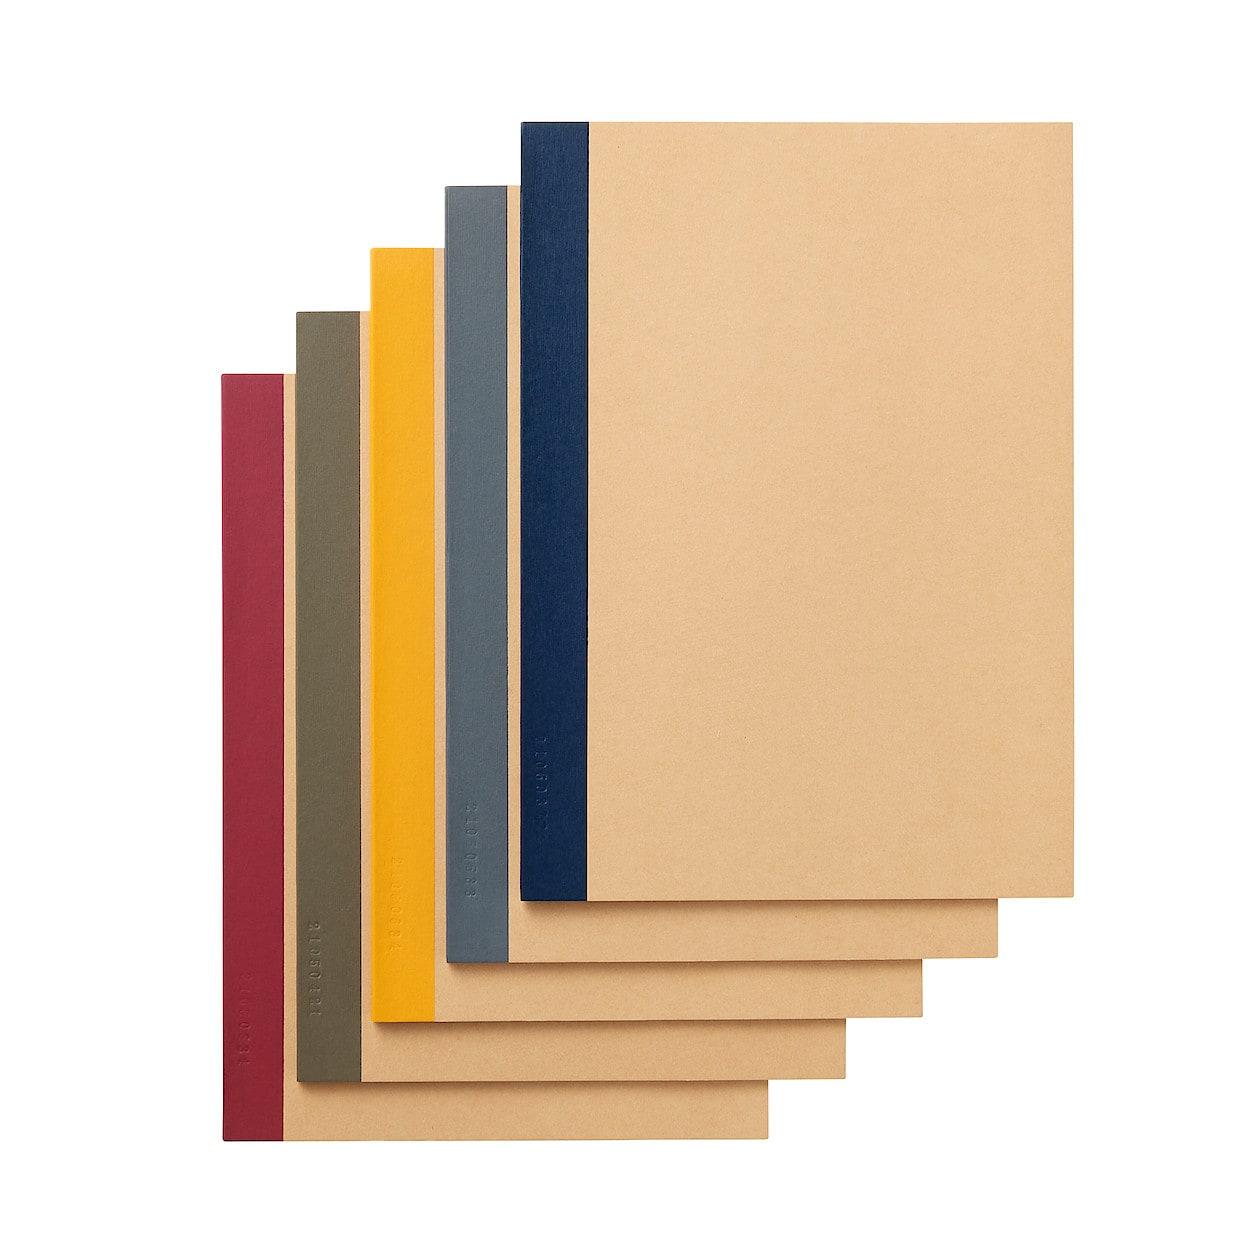 植林木ペーパー裏うつりしにくいノート5冊組 B5・30枚・6mm横 ...